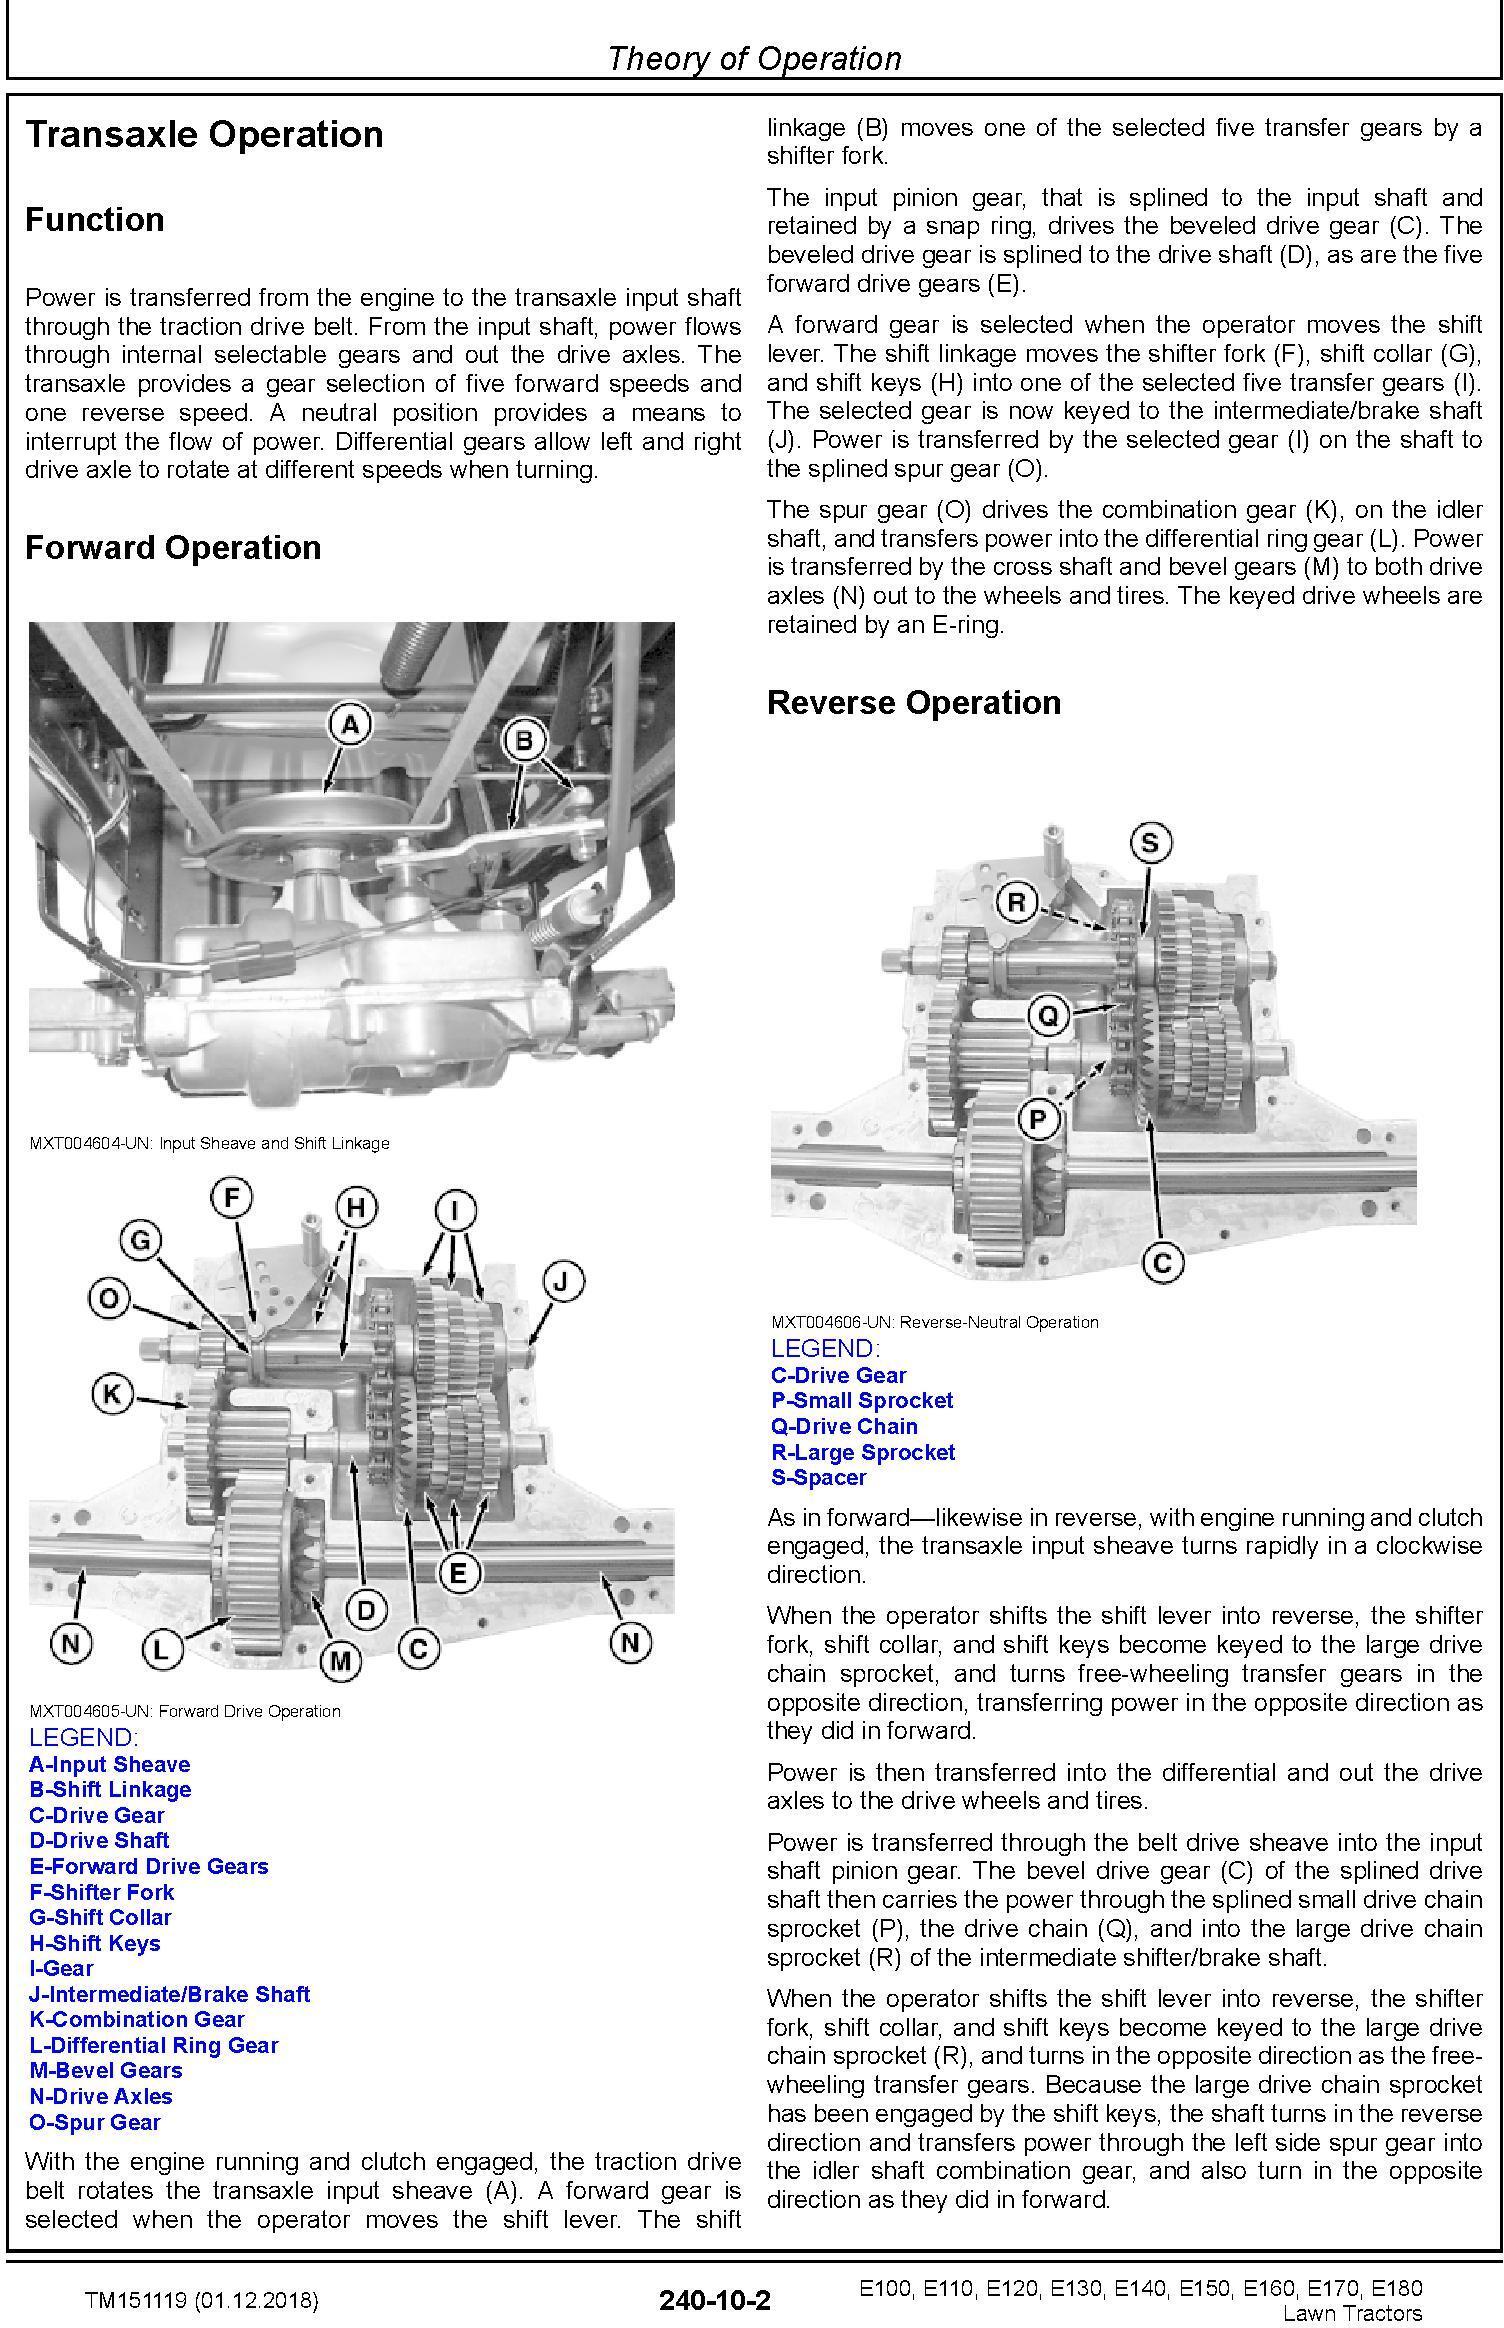 John Deere E100 E110 E120 E130 E140 E150 E160 E170 E180 Lawn Tractors Technical Manual (TM151119) - 2